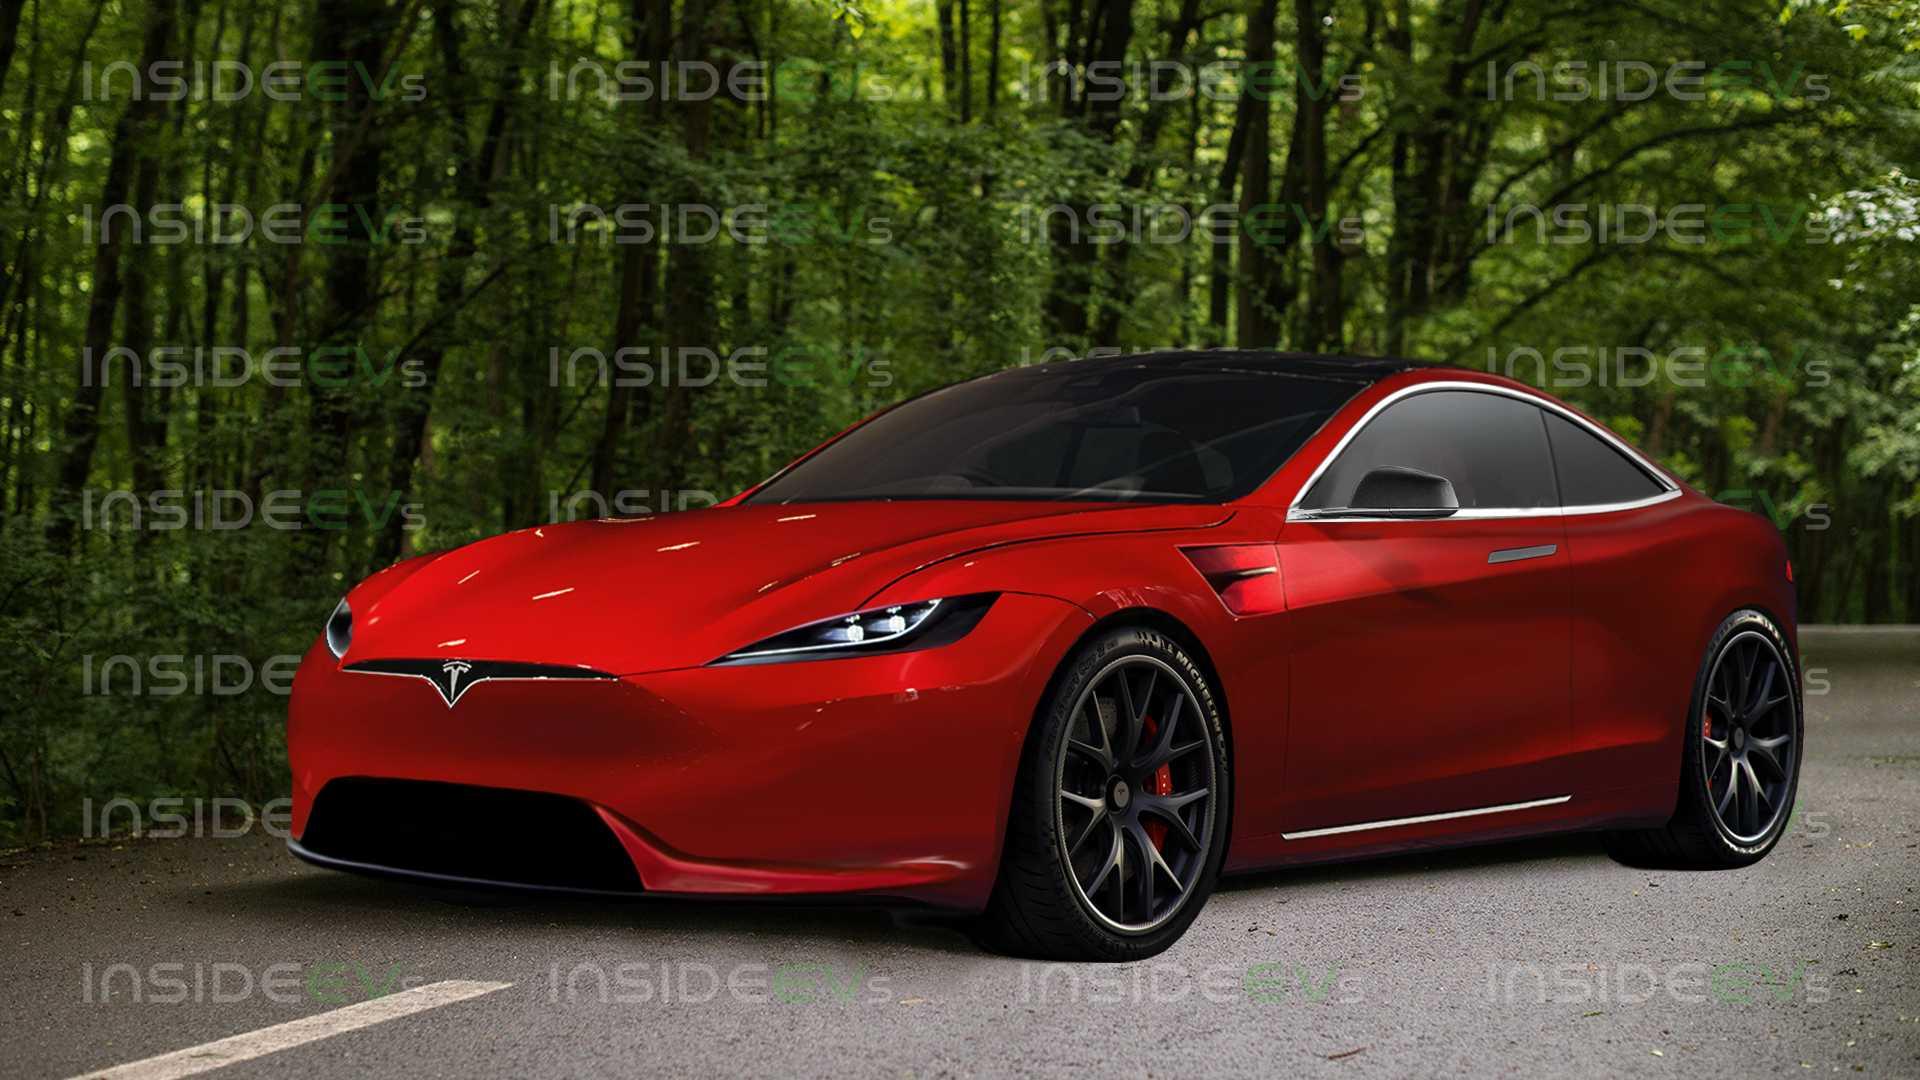 Это Tesla Model S Coupe Grand Tourer, безусловно, сладкий